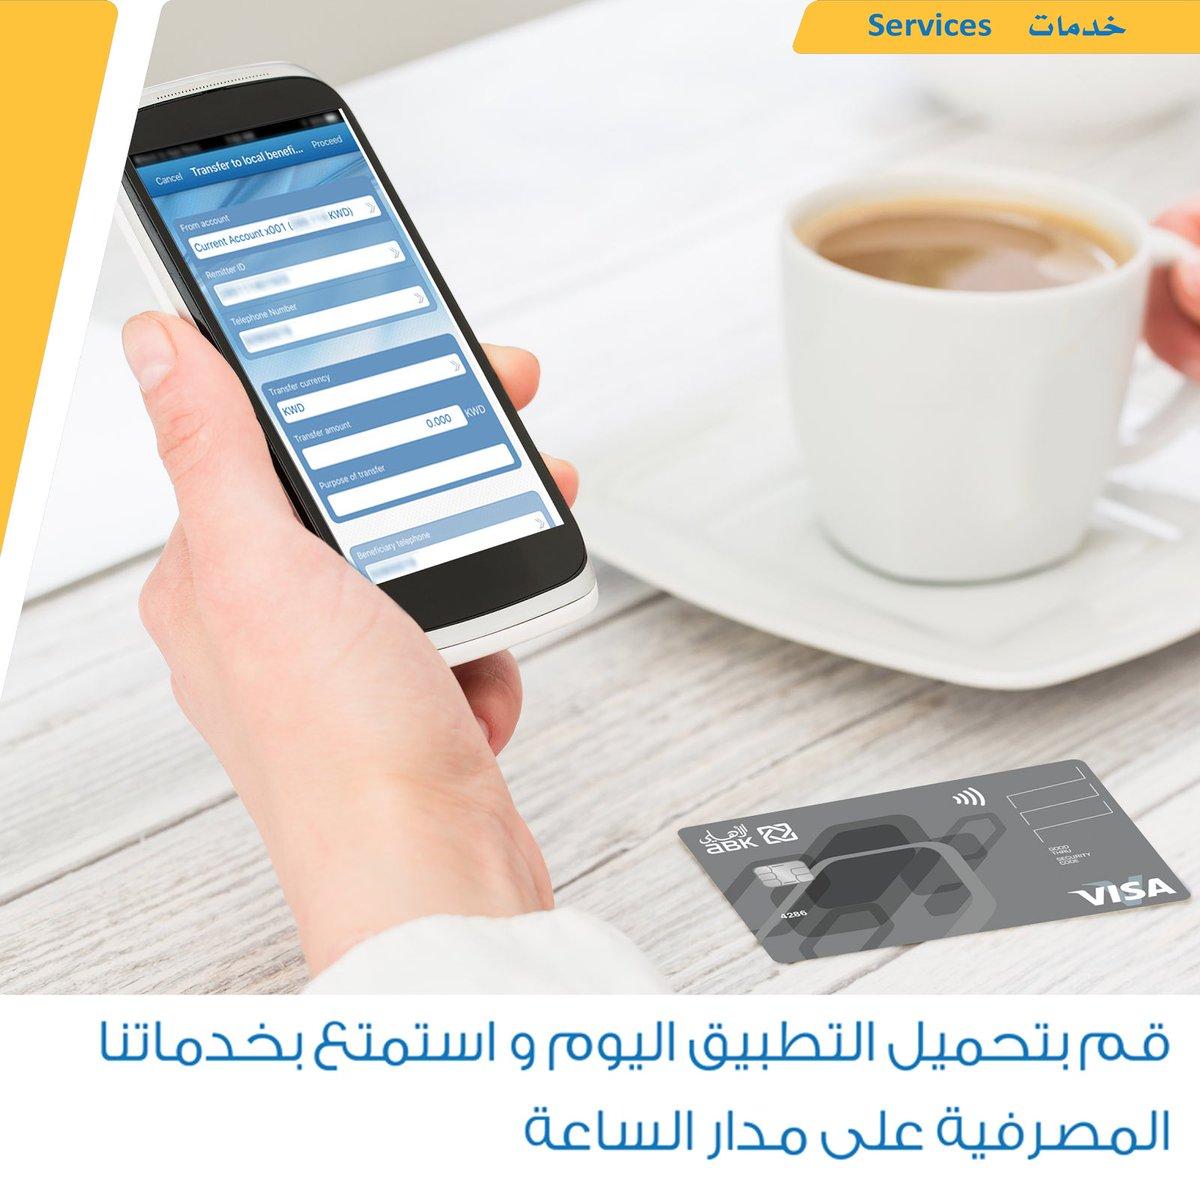 """البنك الأهلي الكويتي على تويتر: """"يوفر لك تطبيق البنك الأهلي ..."""